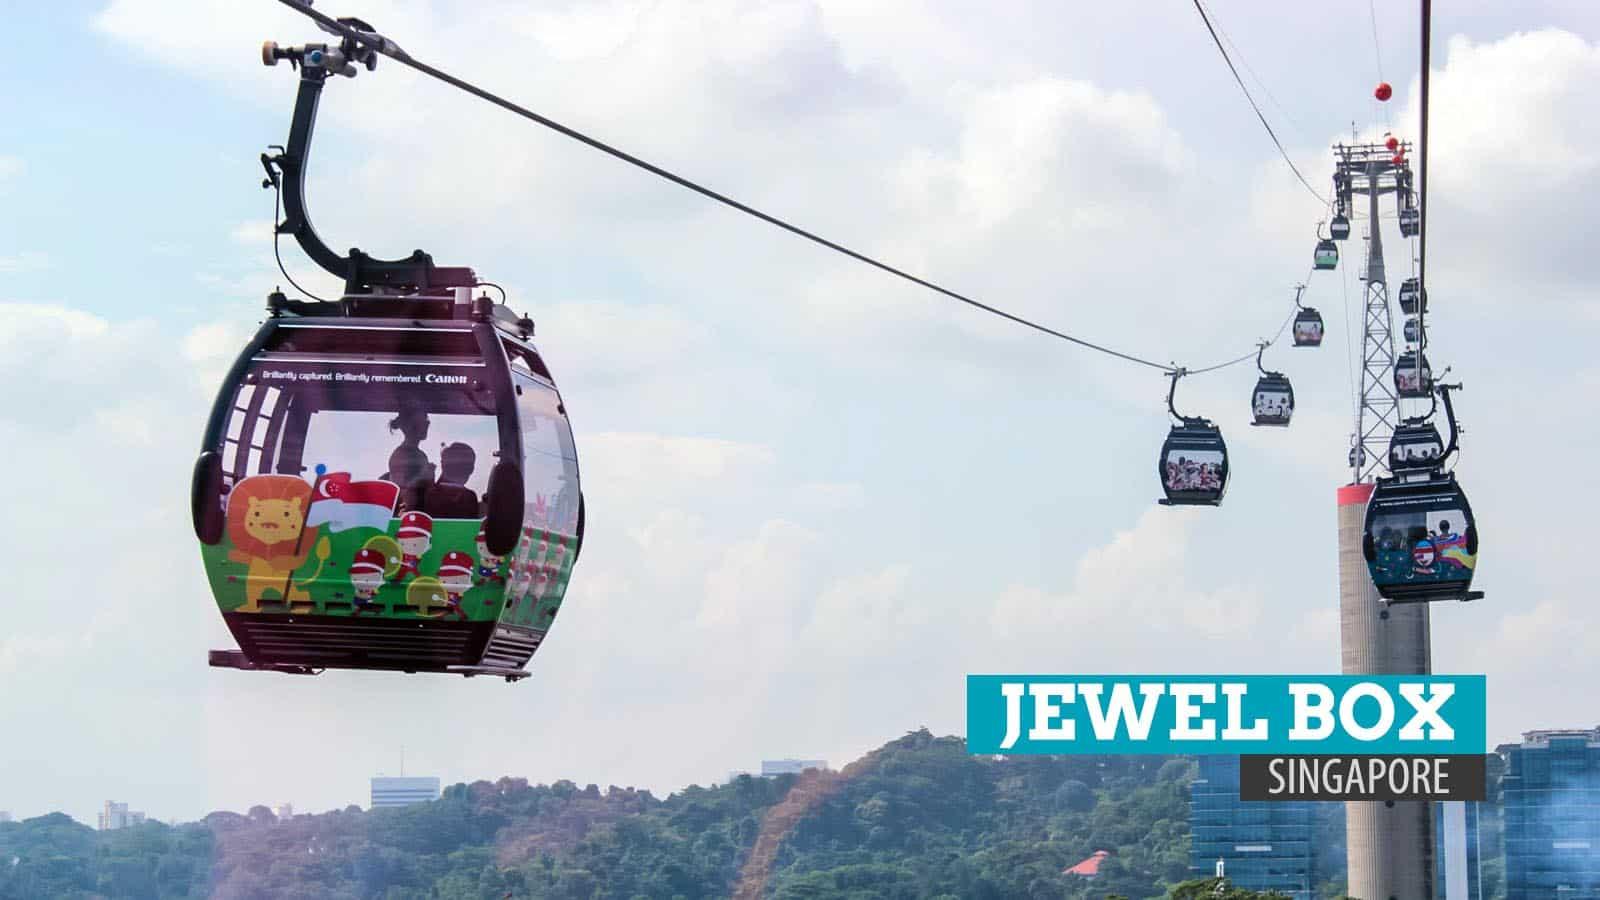 珠宝盒新加坡:缆车和标志性的厕所(笑)   穷游者行程博客